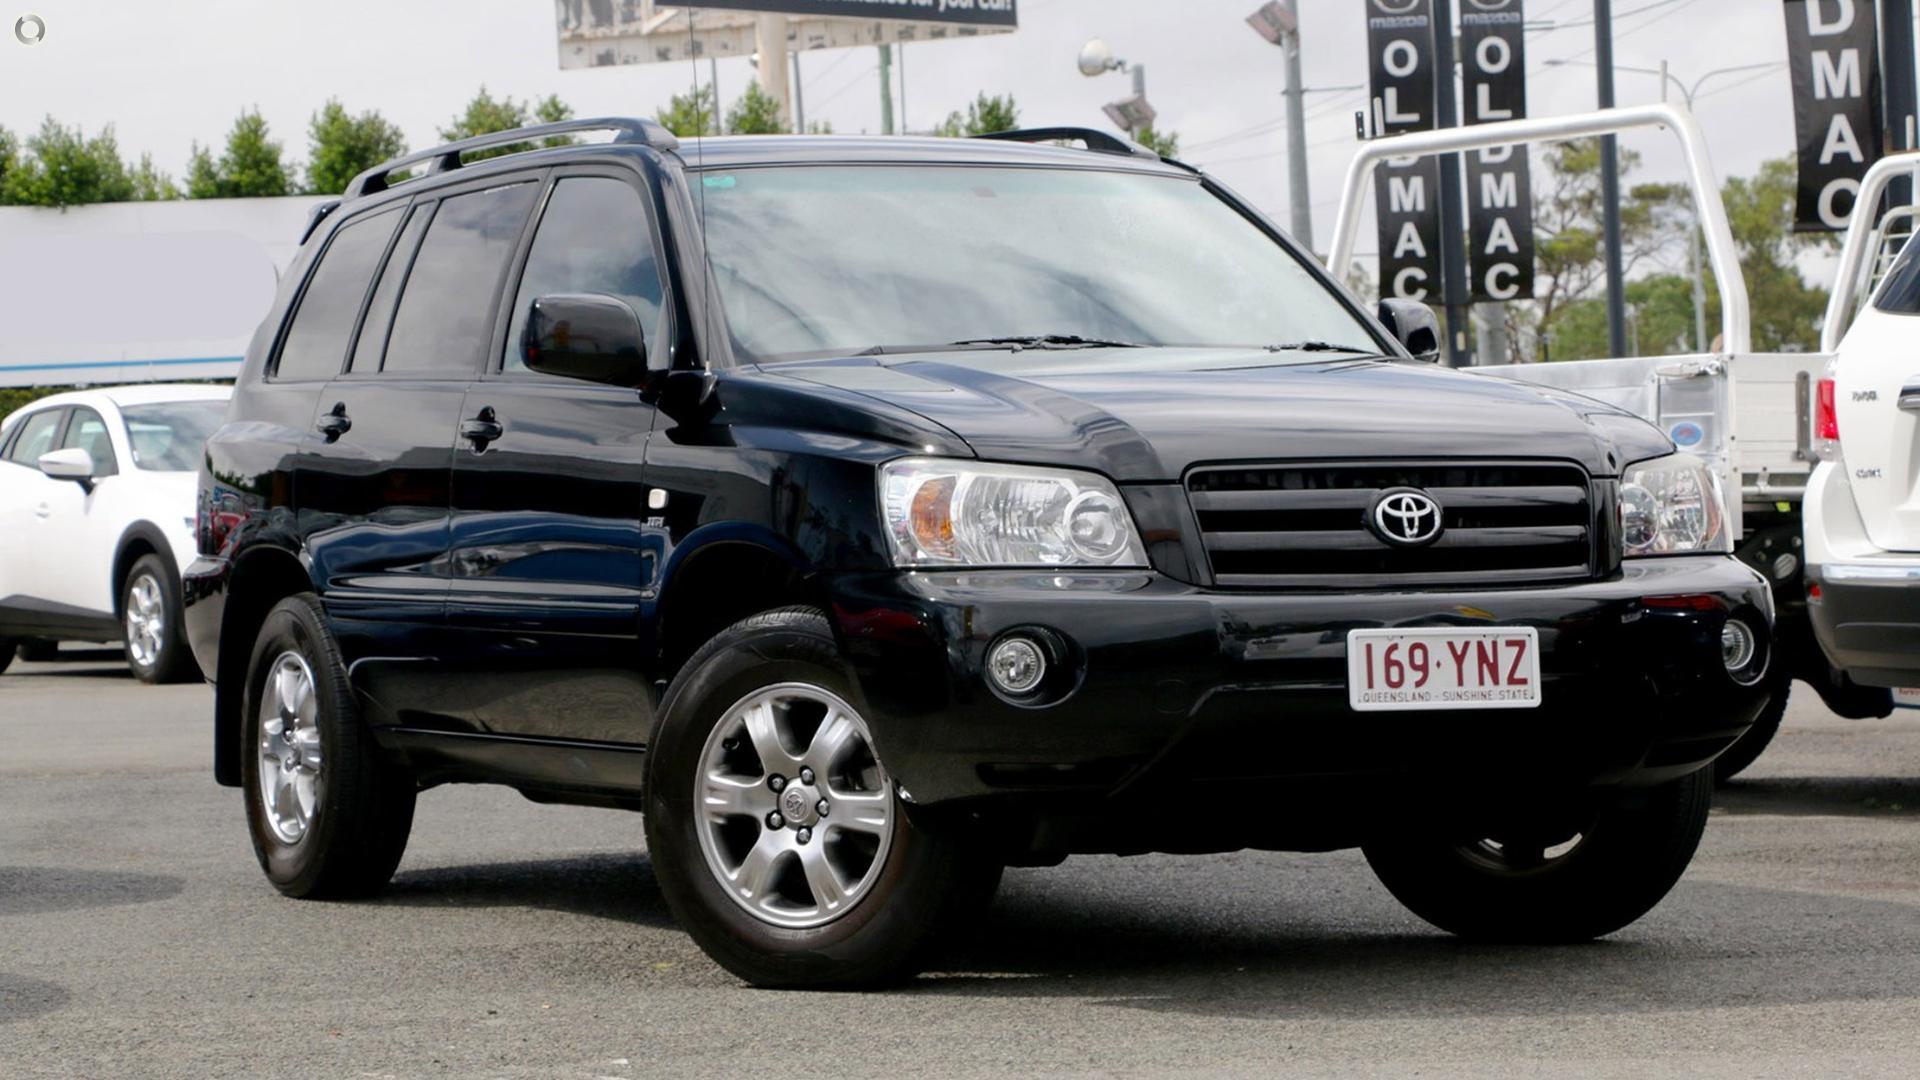 2006 Toyota Kluger Cvx